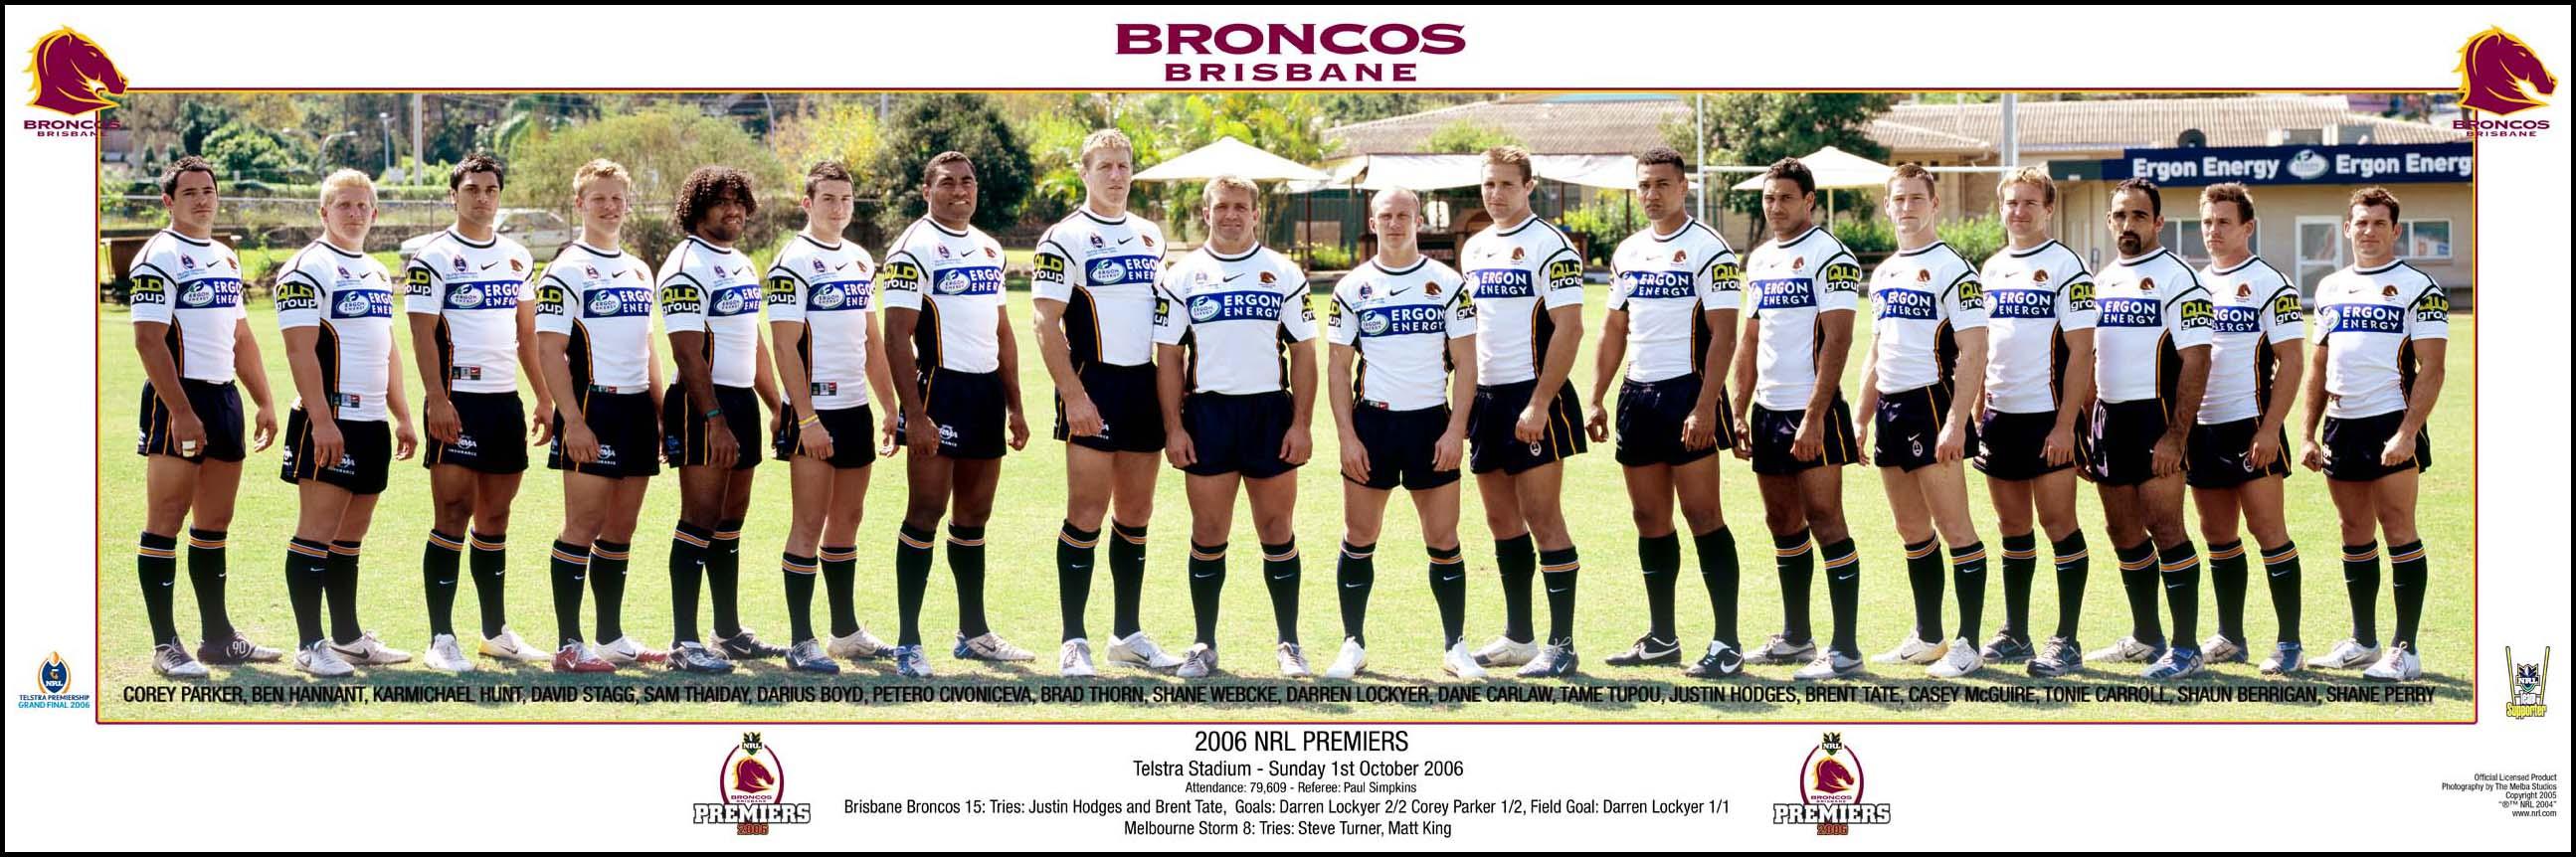 Brisbane Broncos Backgrounds, Compatible - PC, Mobile, Gadgets| 2590x862 px